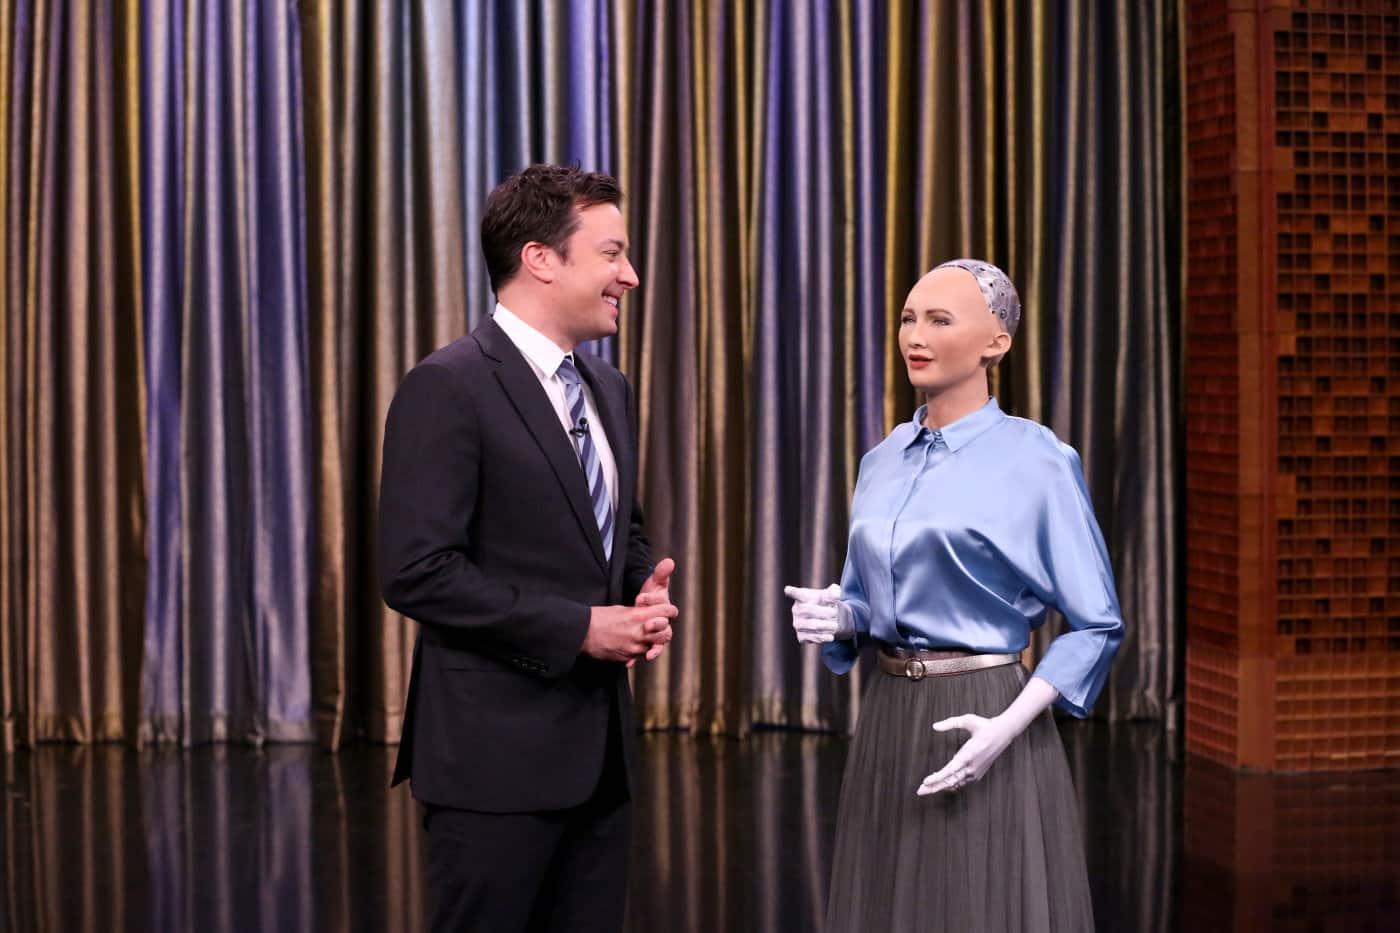 Robots Sophia